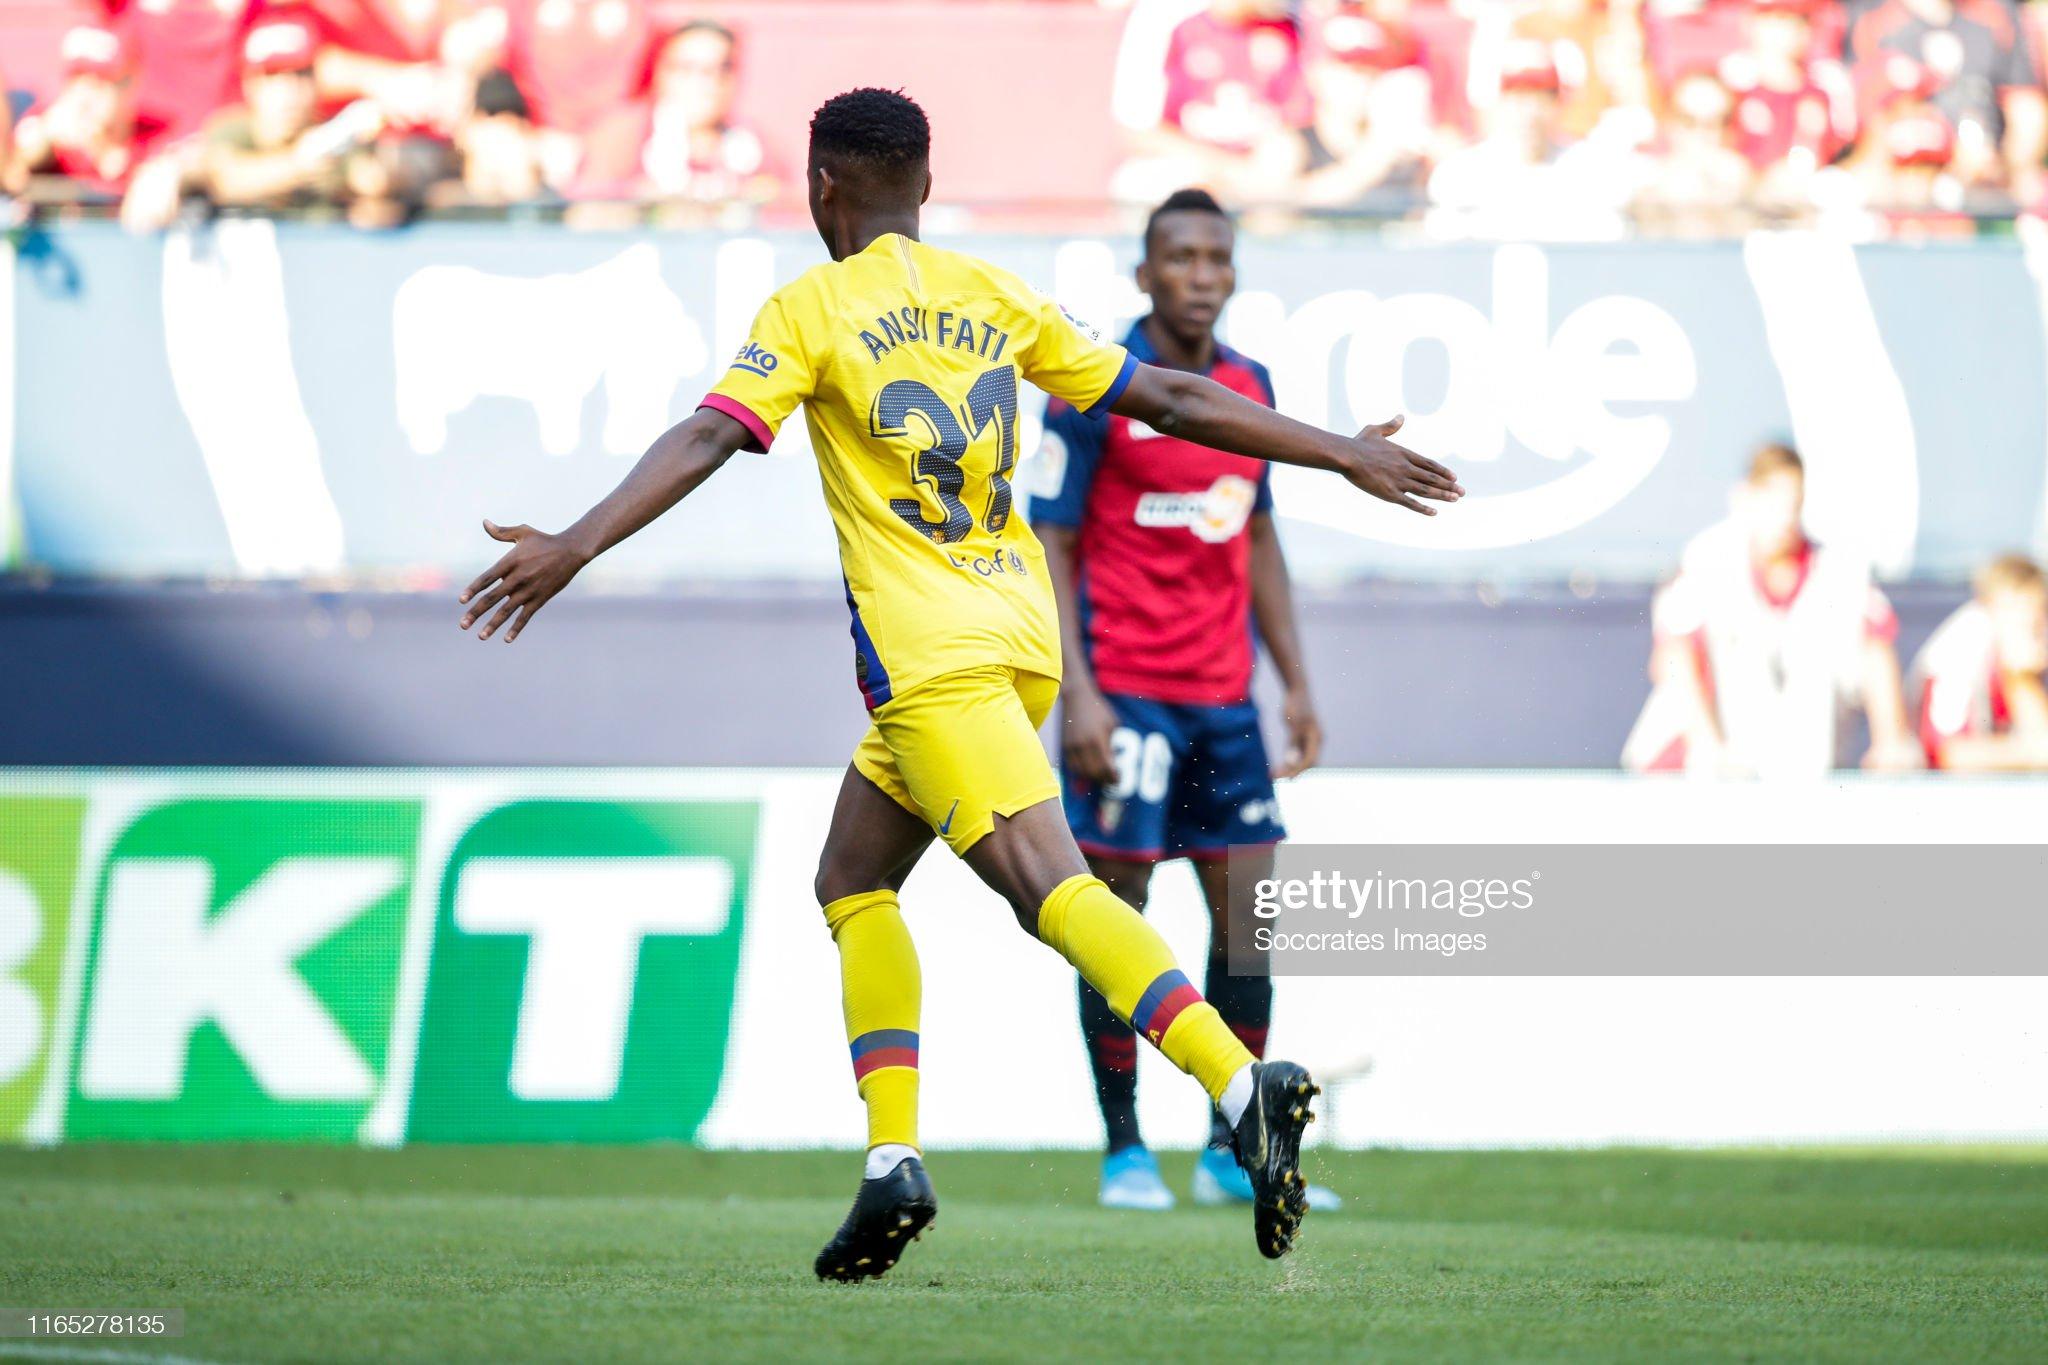 صور مباراة : أوساسونا - برشلونة 2-2 ( 31-08-2019 )  Ansu-fati-of-fc-barcelona-celebrates-goal-11-during-the-la-liga-v-picture-id1165278135?s=2048x2048